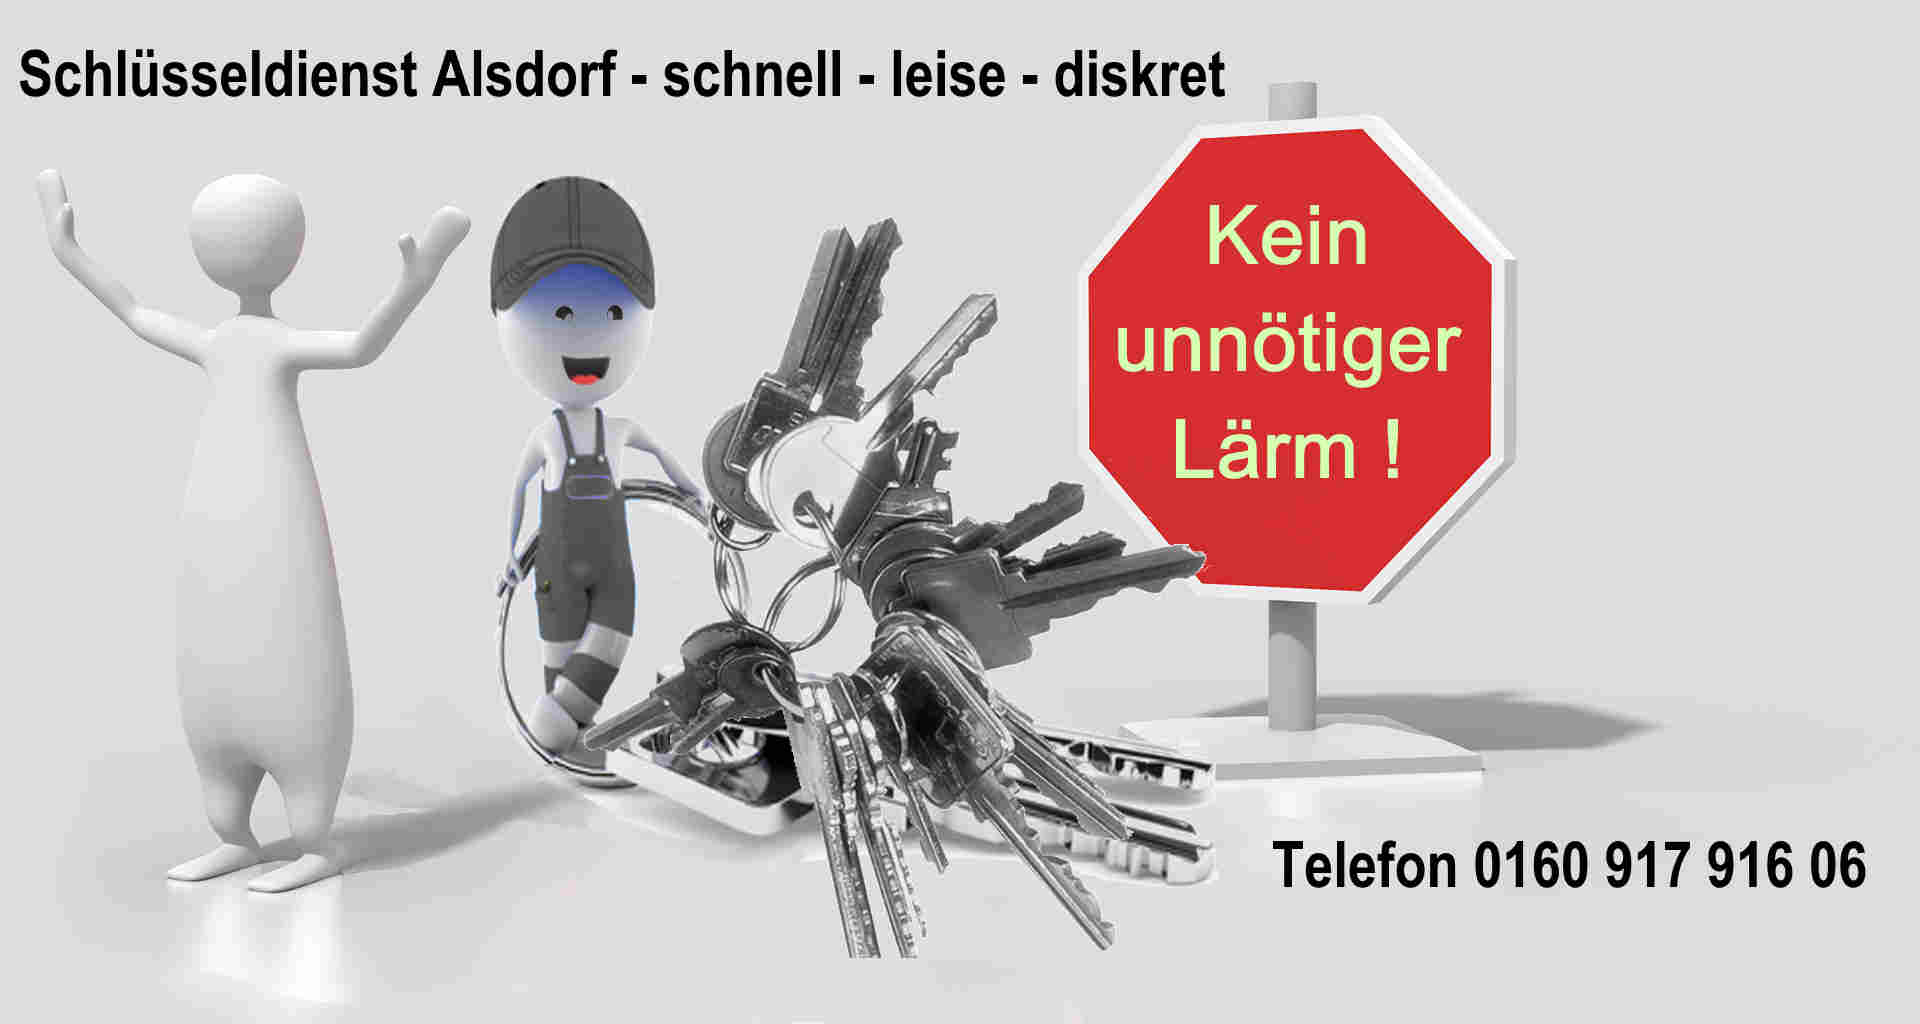 Schlüsseldienst Alsdorf ist Leise und diskret zum Festpreis